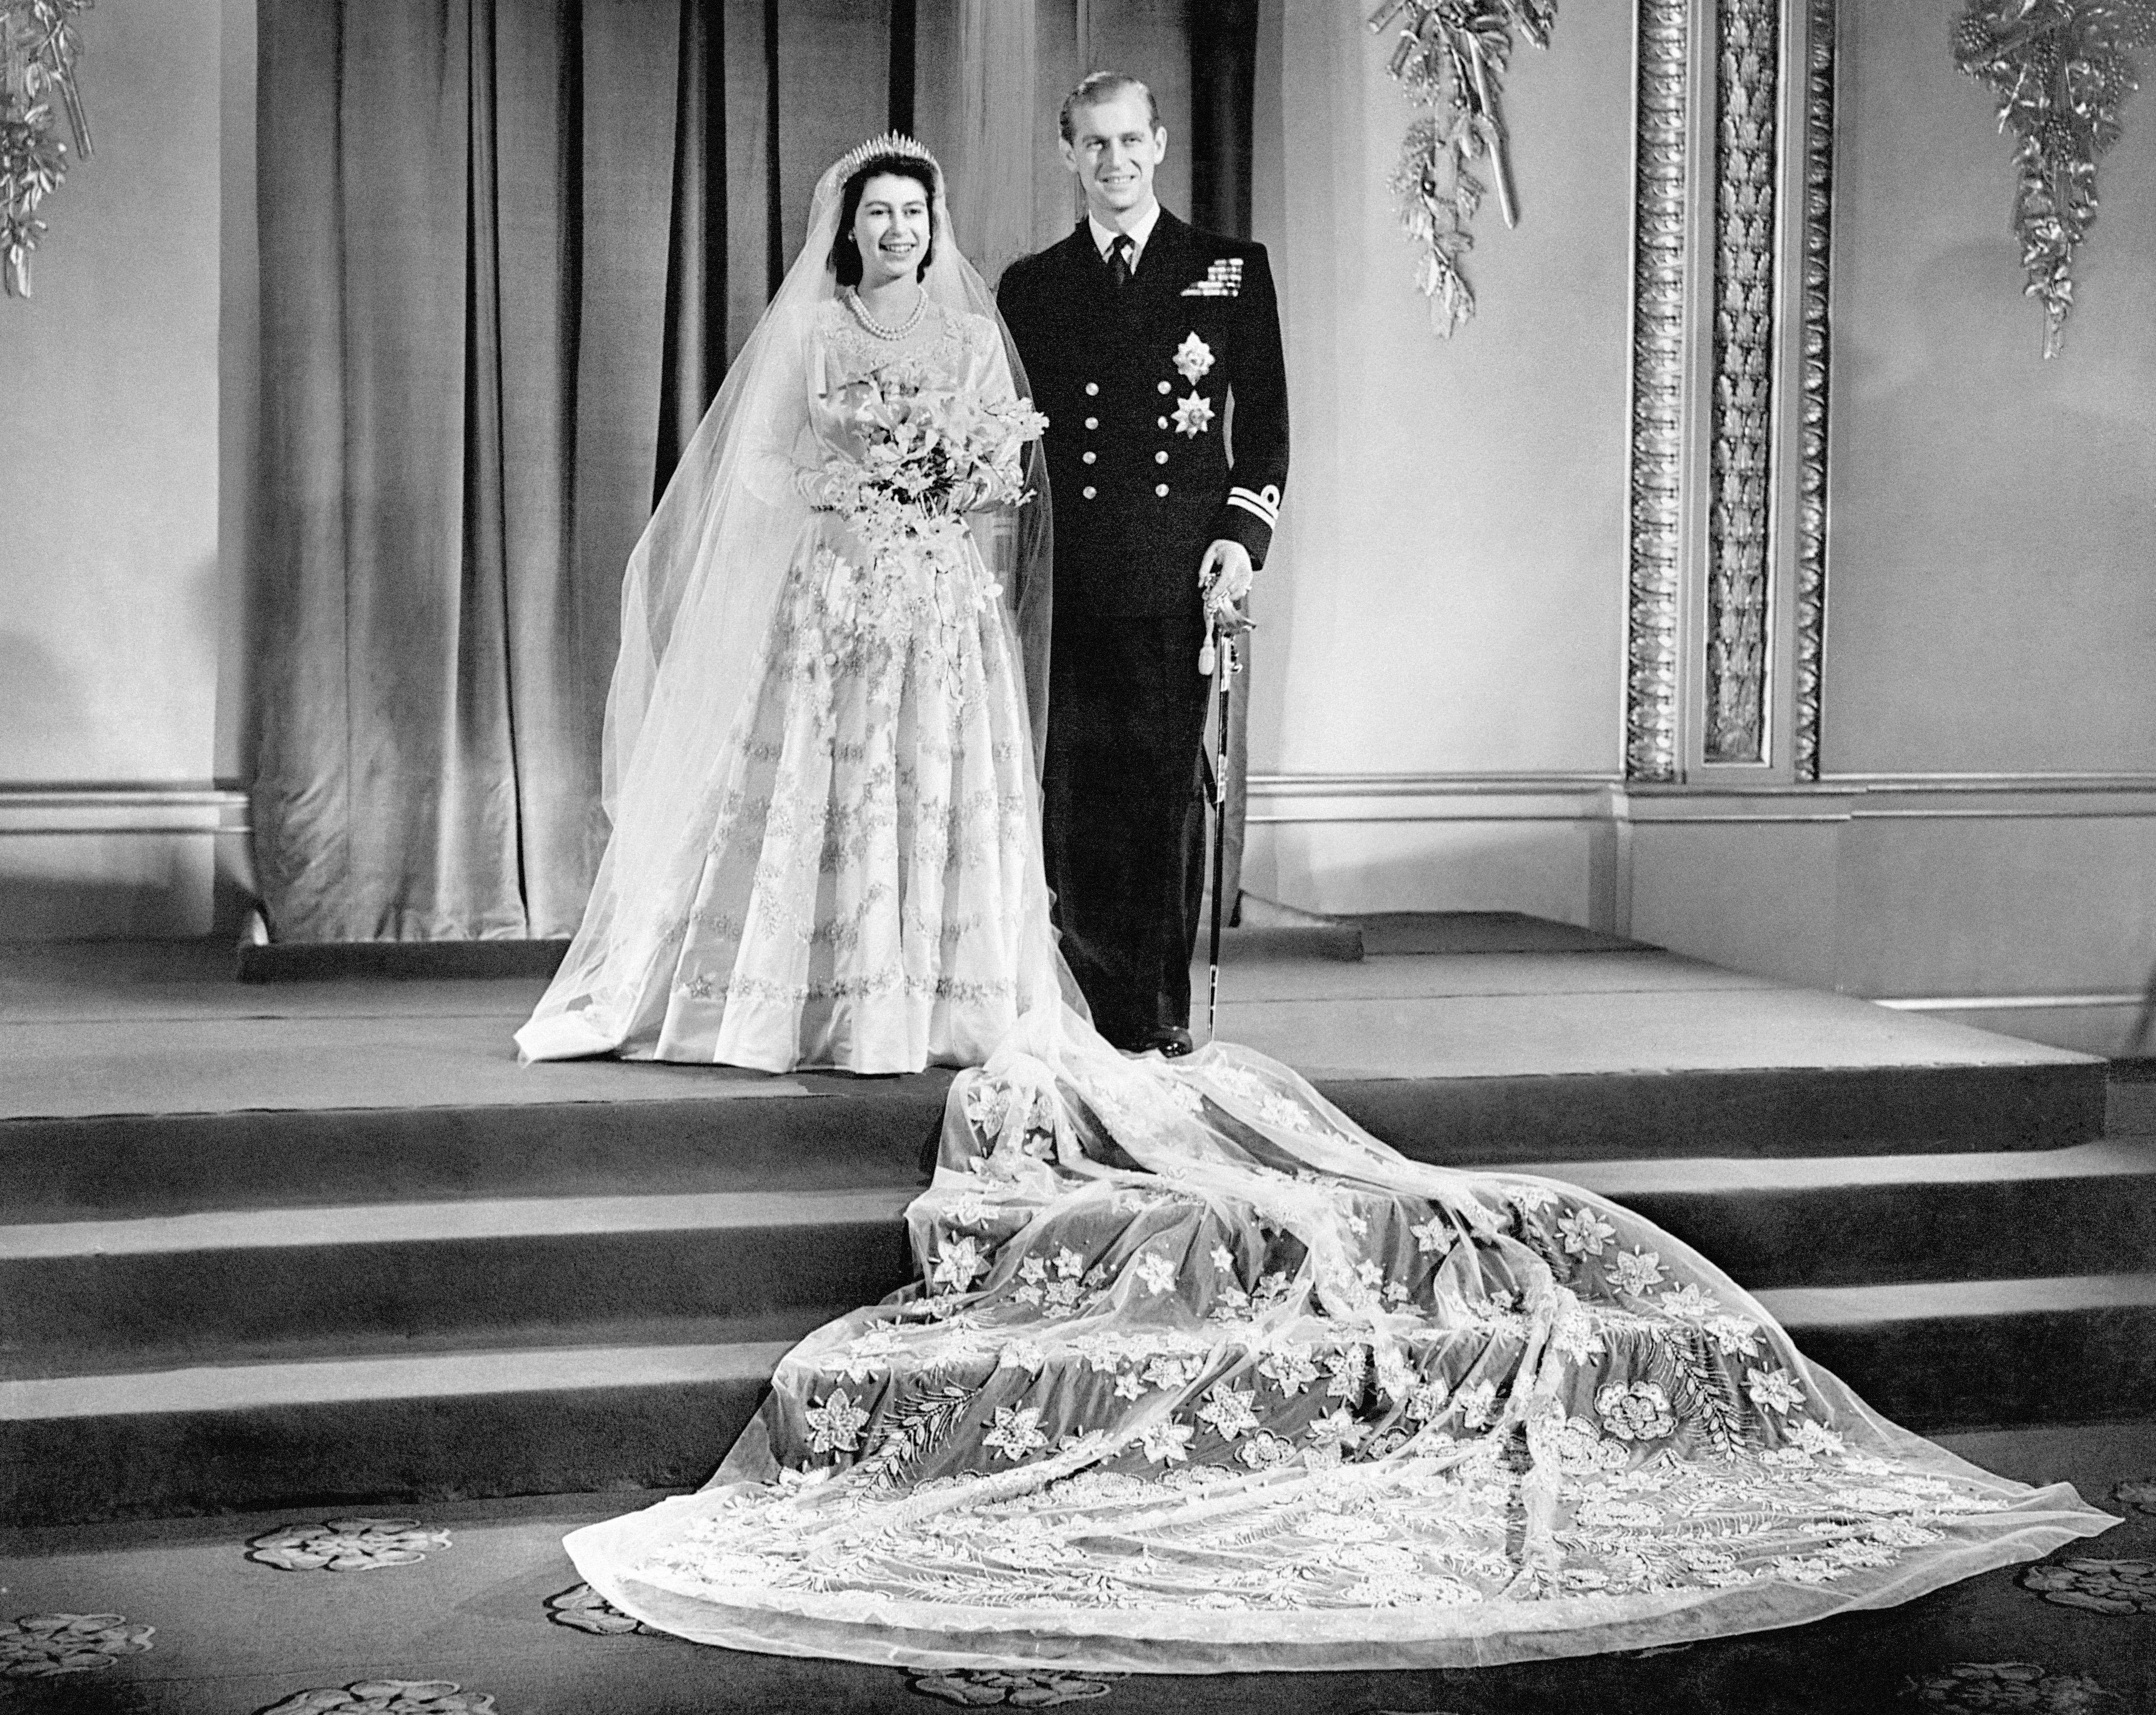 يوم زفاف الأمير فيليب والملكة- الصورة من موقع العائلة الملكية